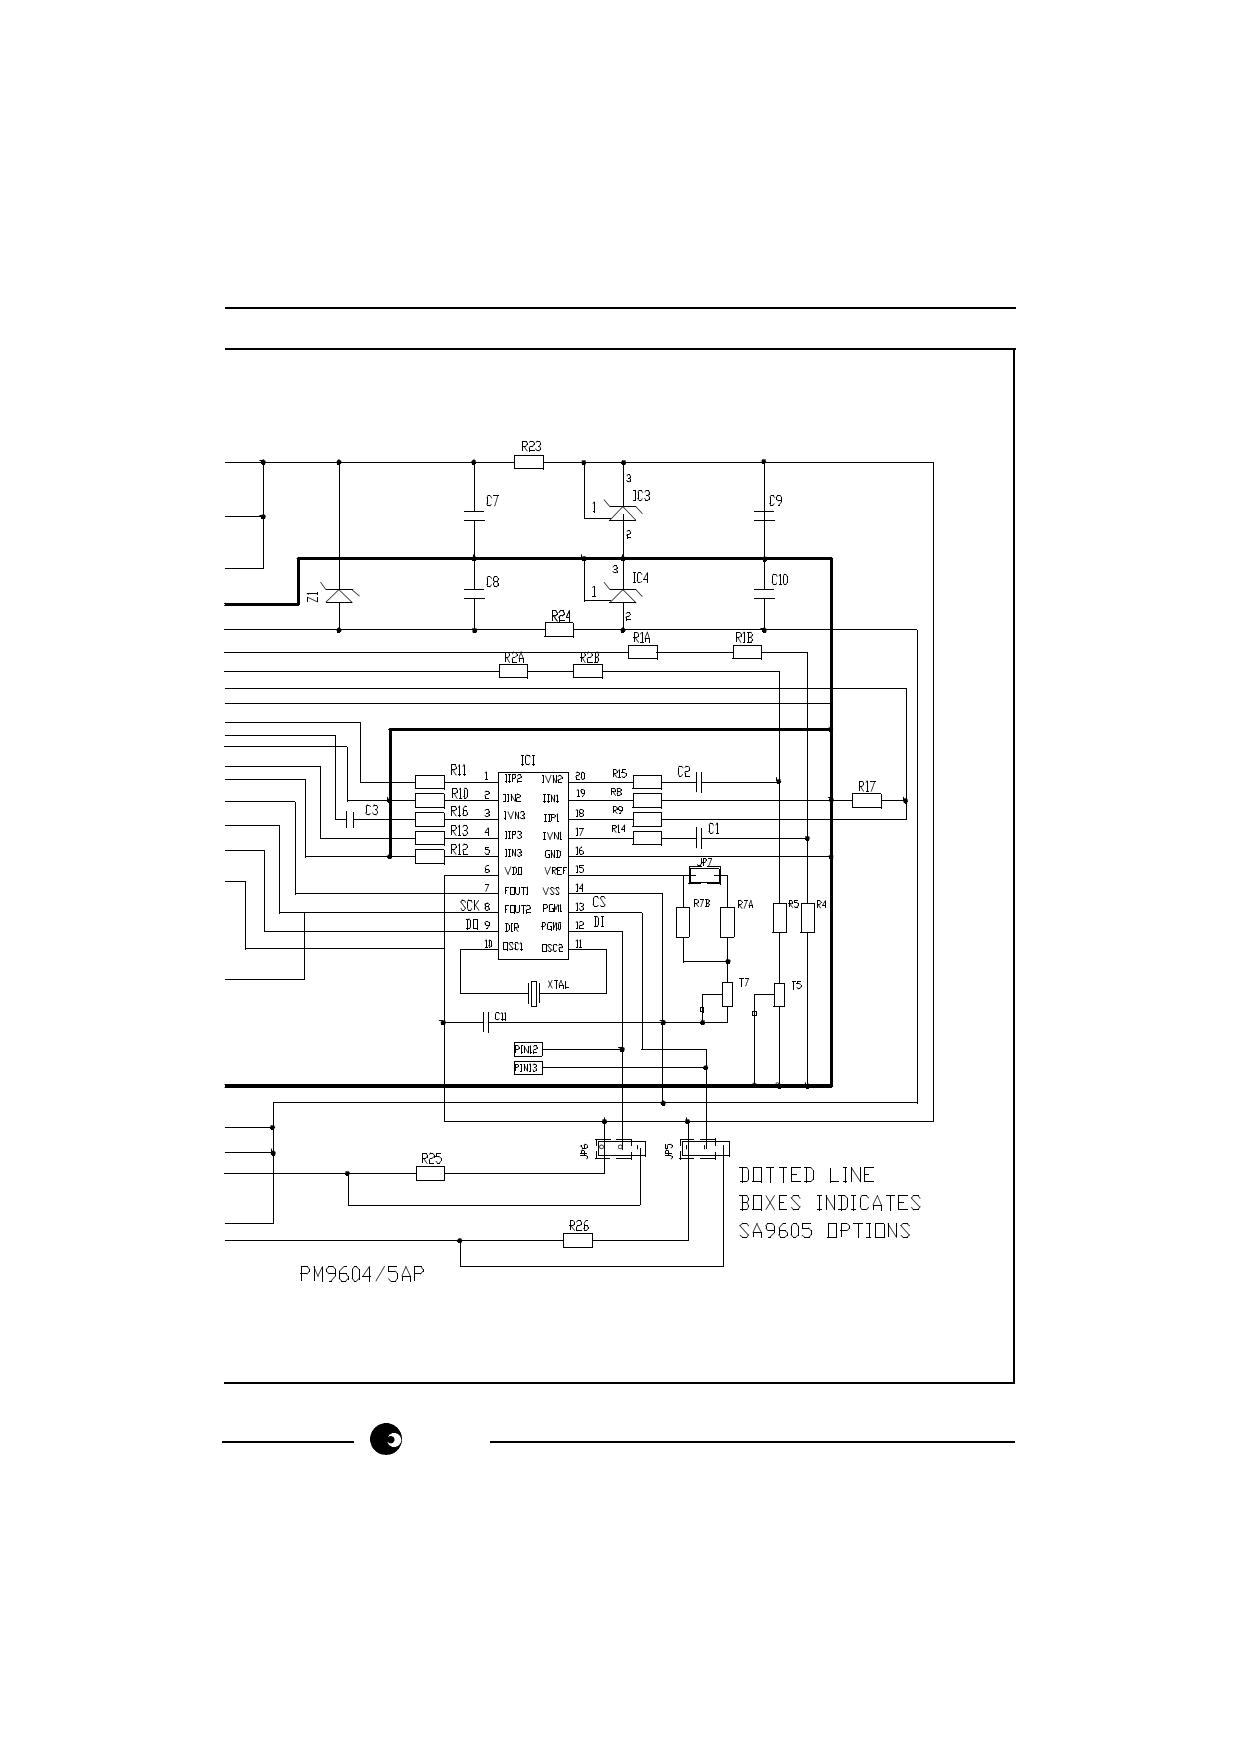 PM9604AP diode, scr